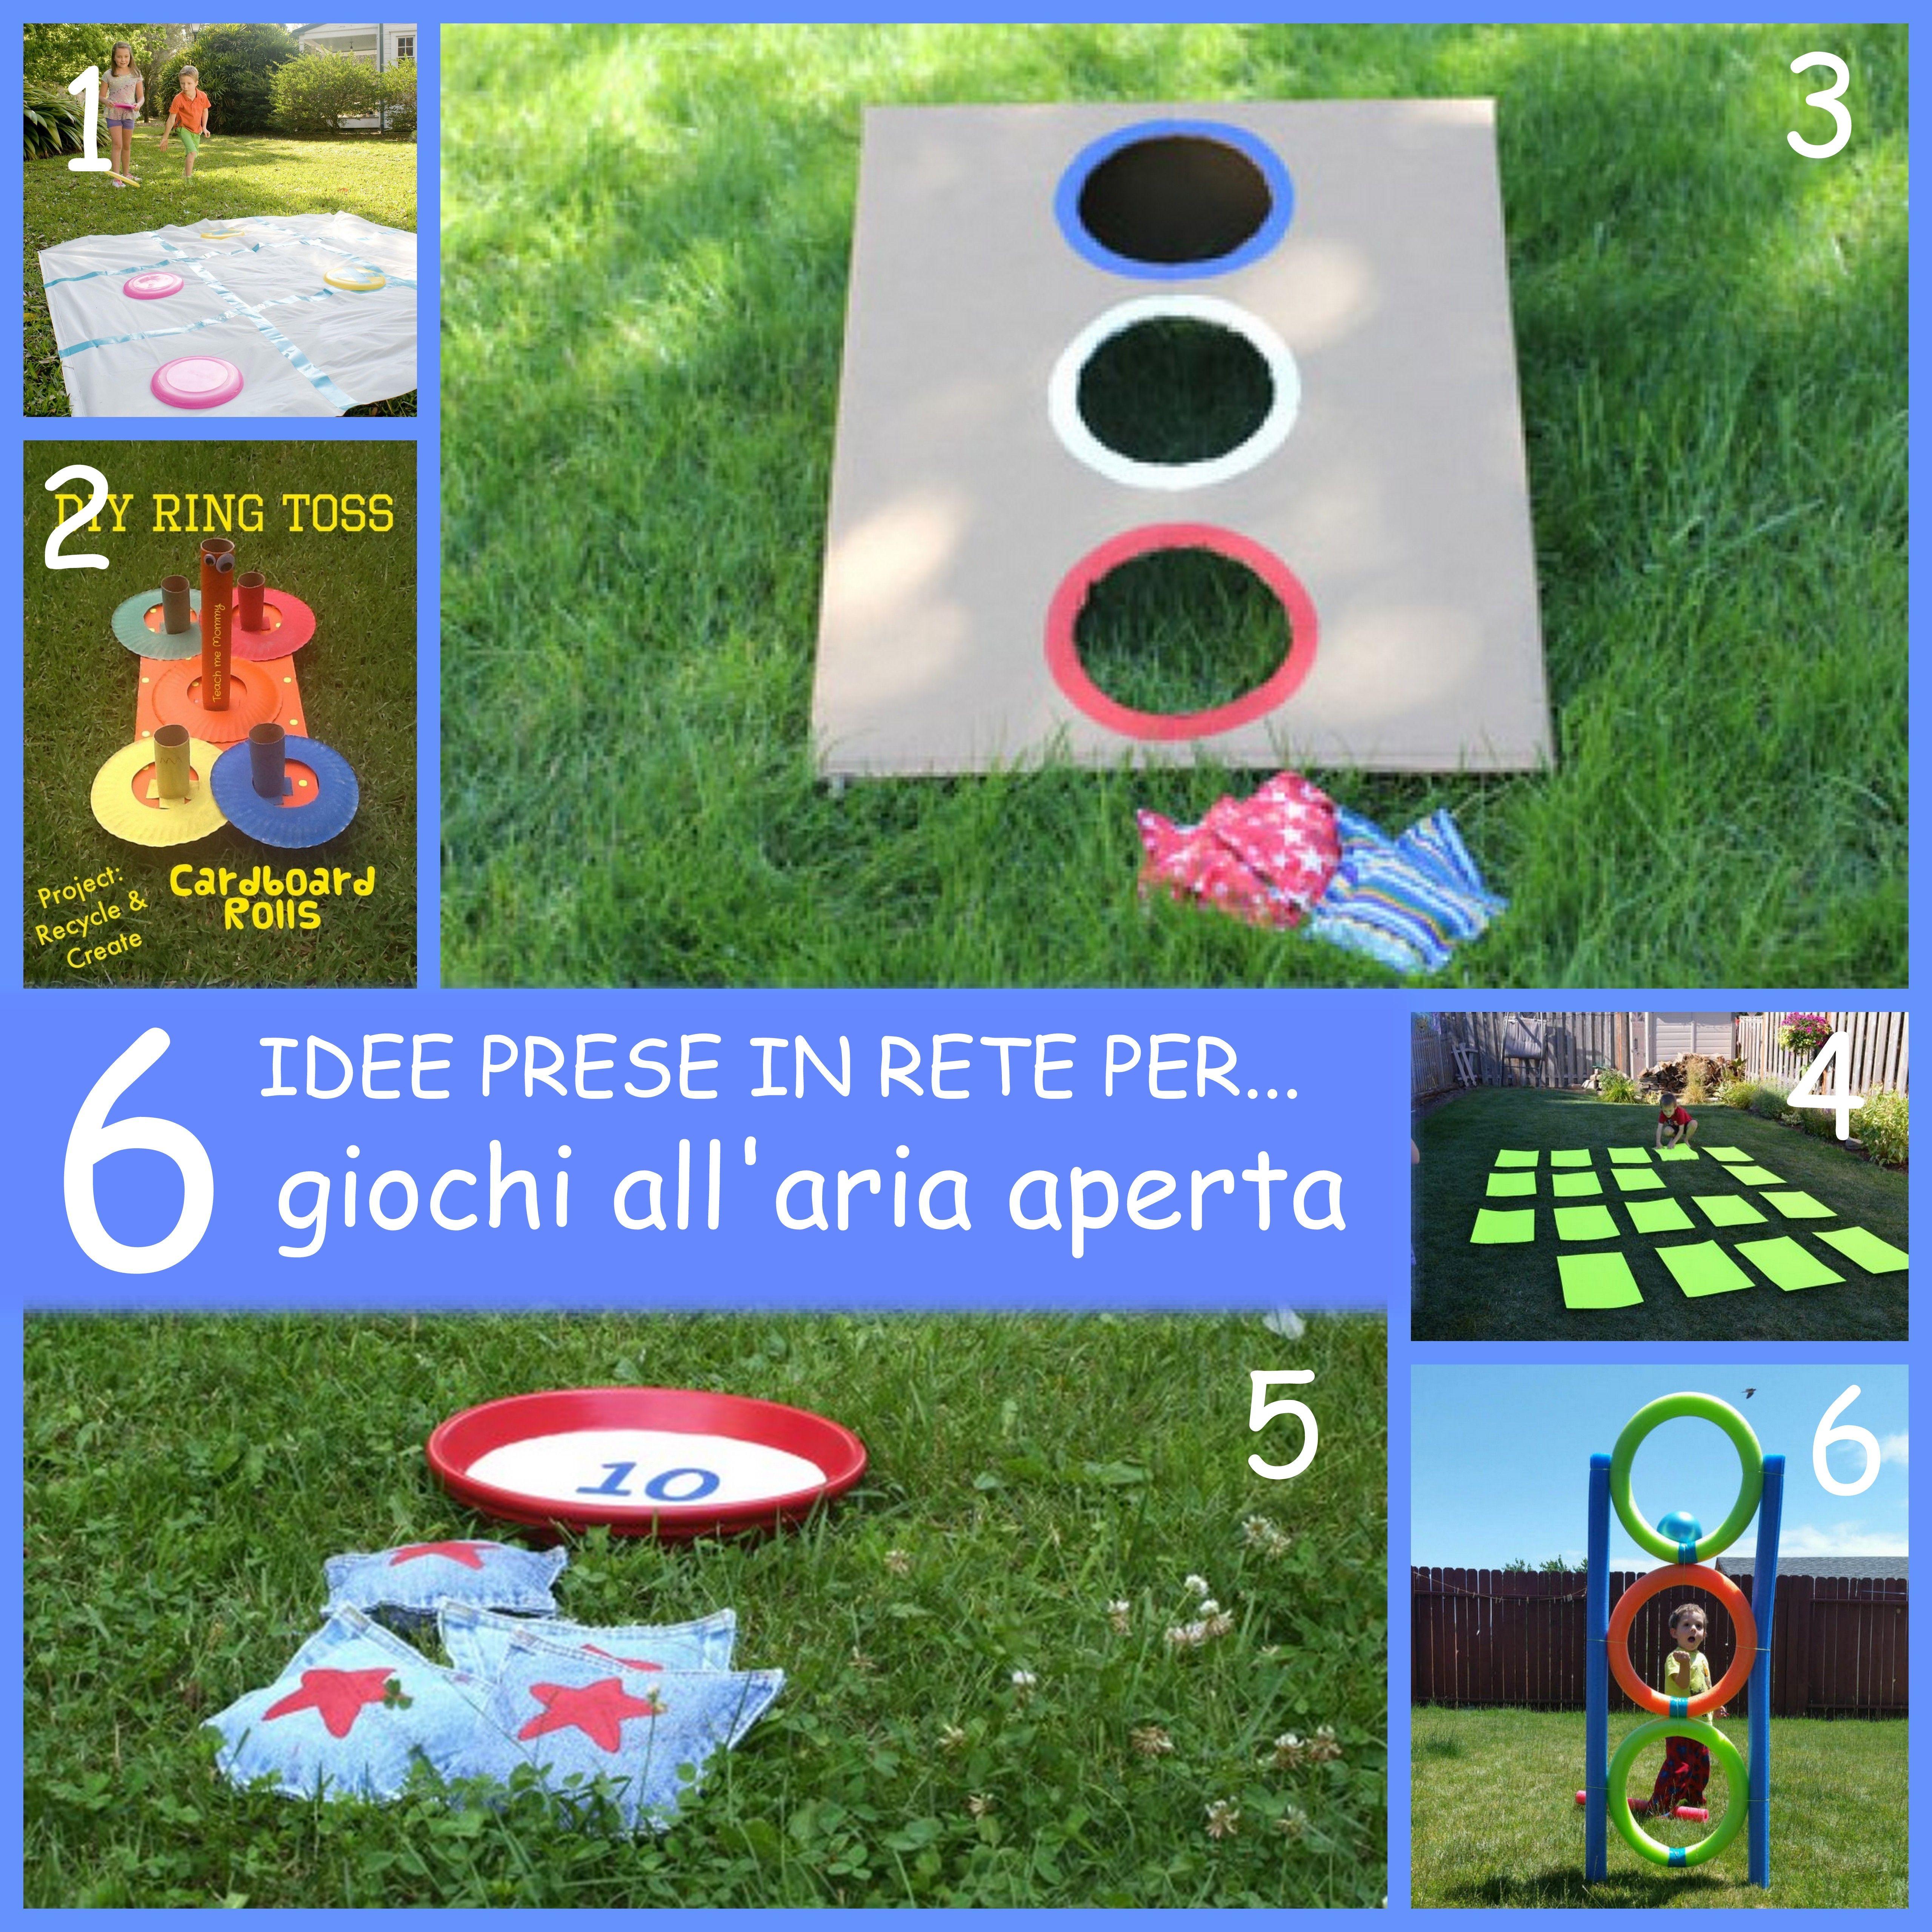 Giochi Da Fare In Giardino 6 idee prese in rete per giochi all'aria aperta | giochi